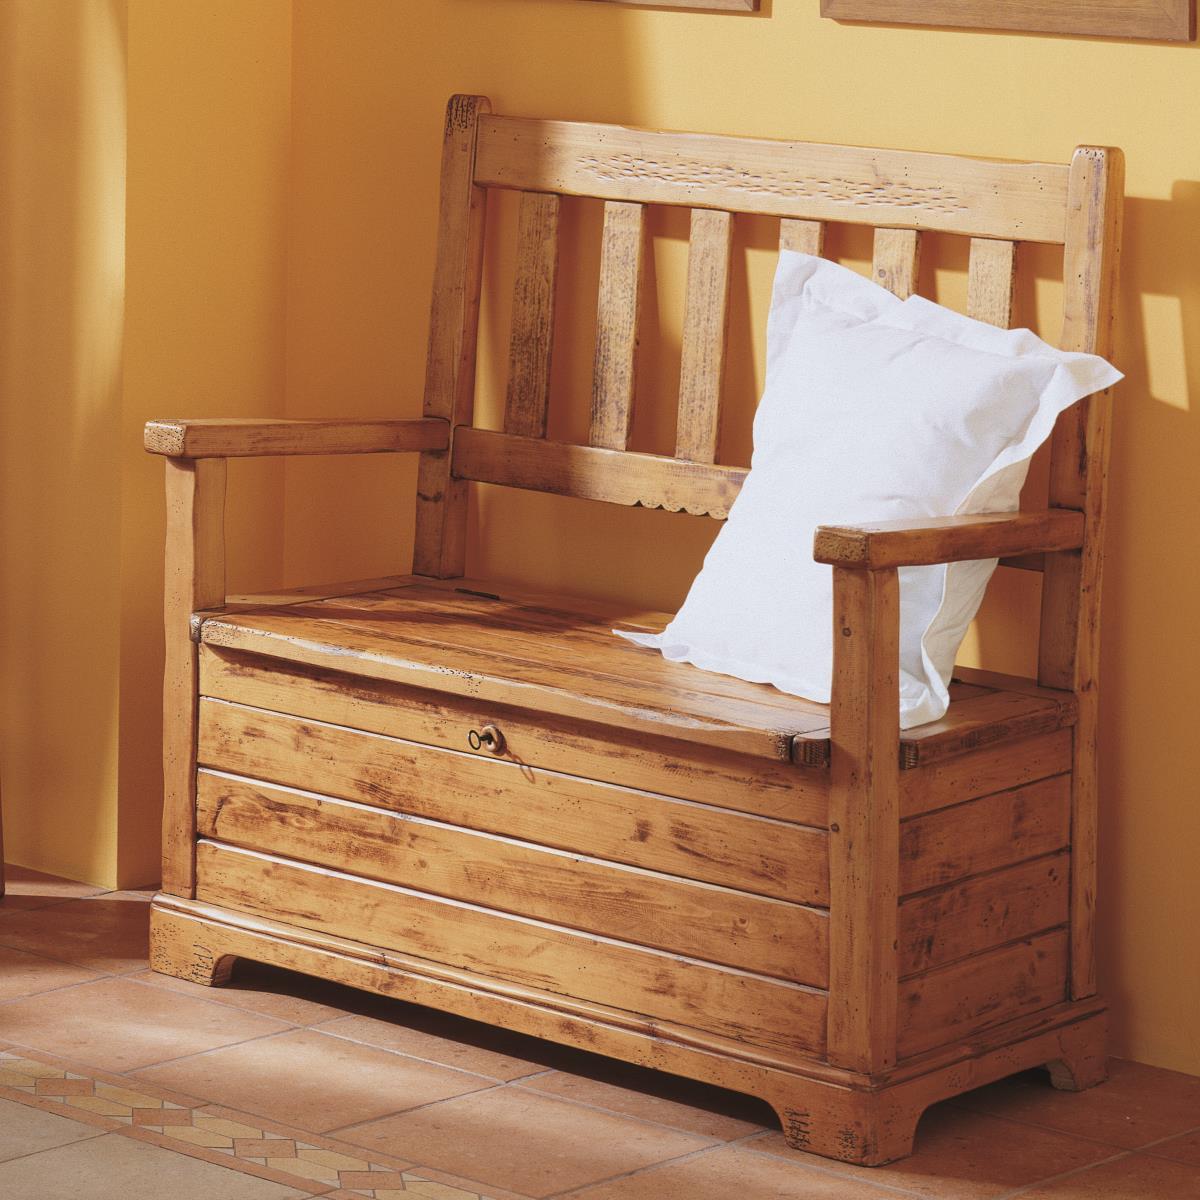 Banco recibidor arc n r stico ecor stico venta de muebles - Mueble recibidor rustico ...